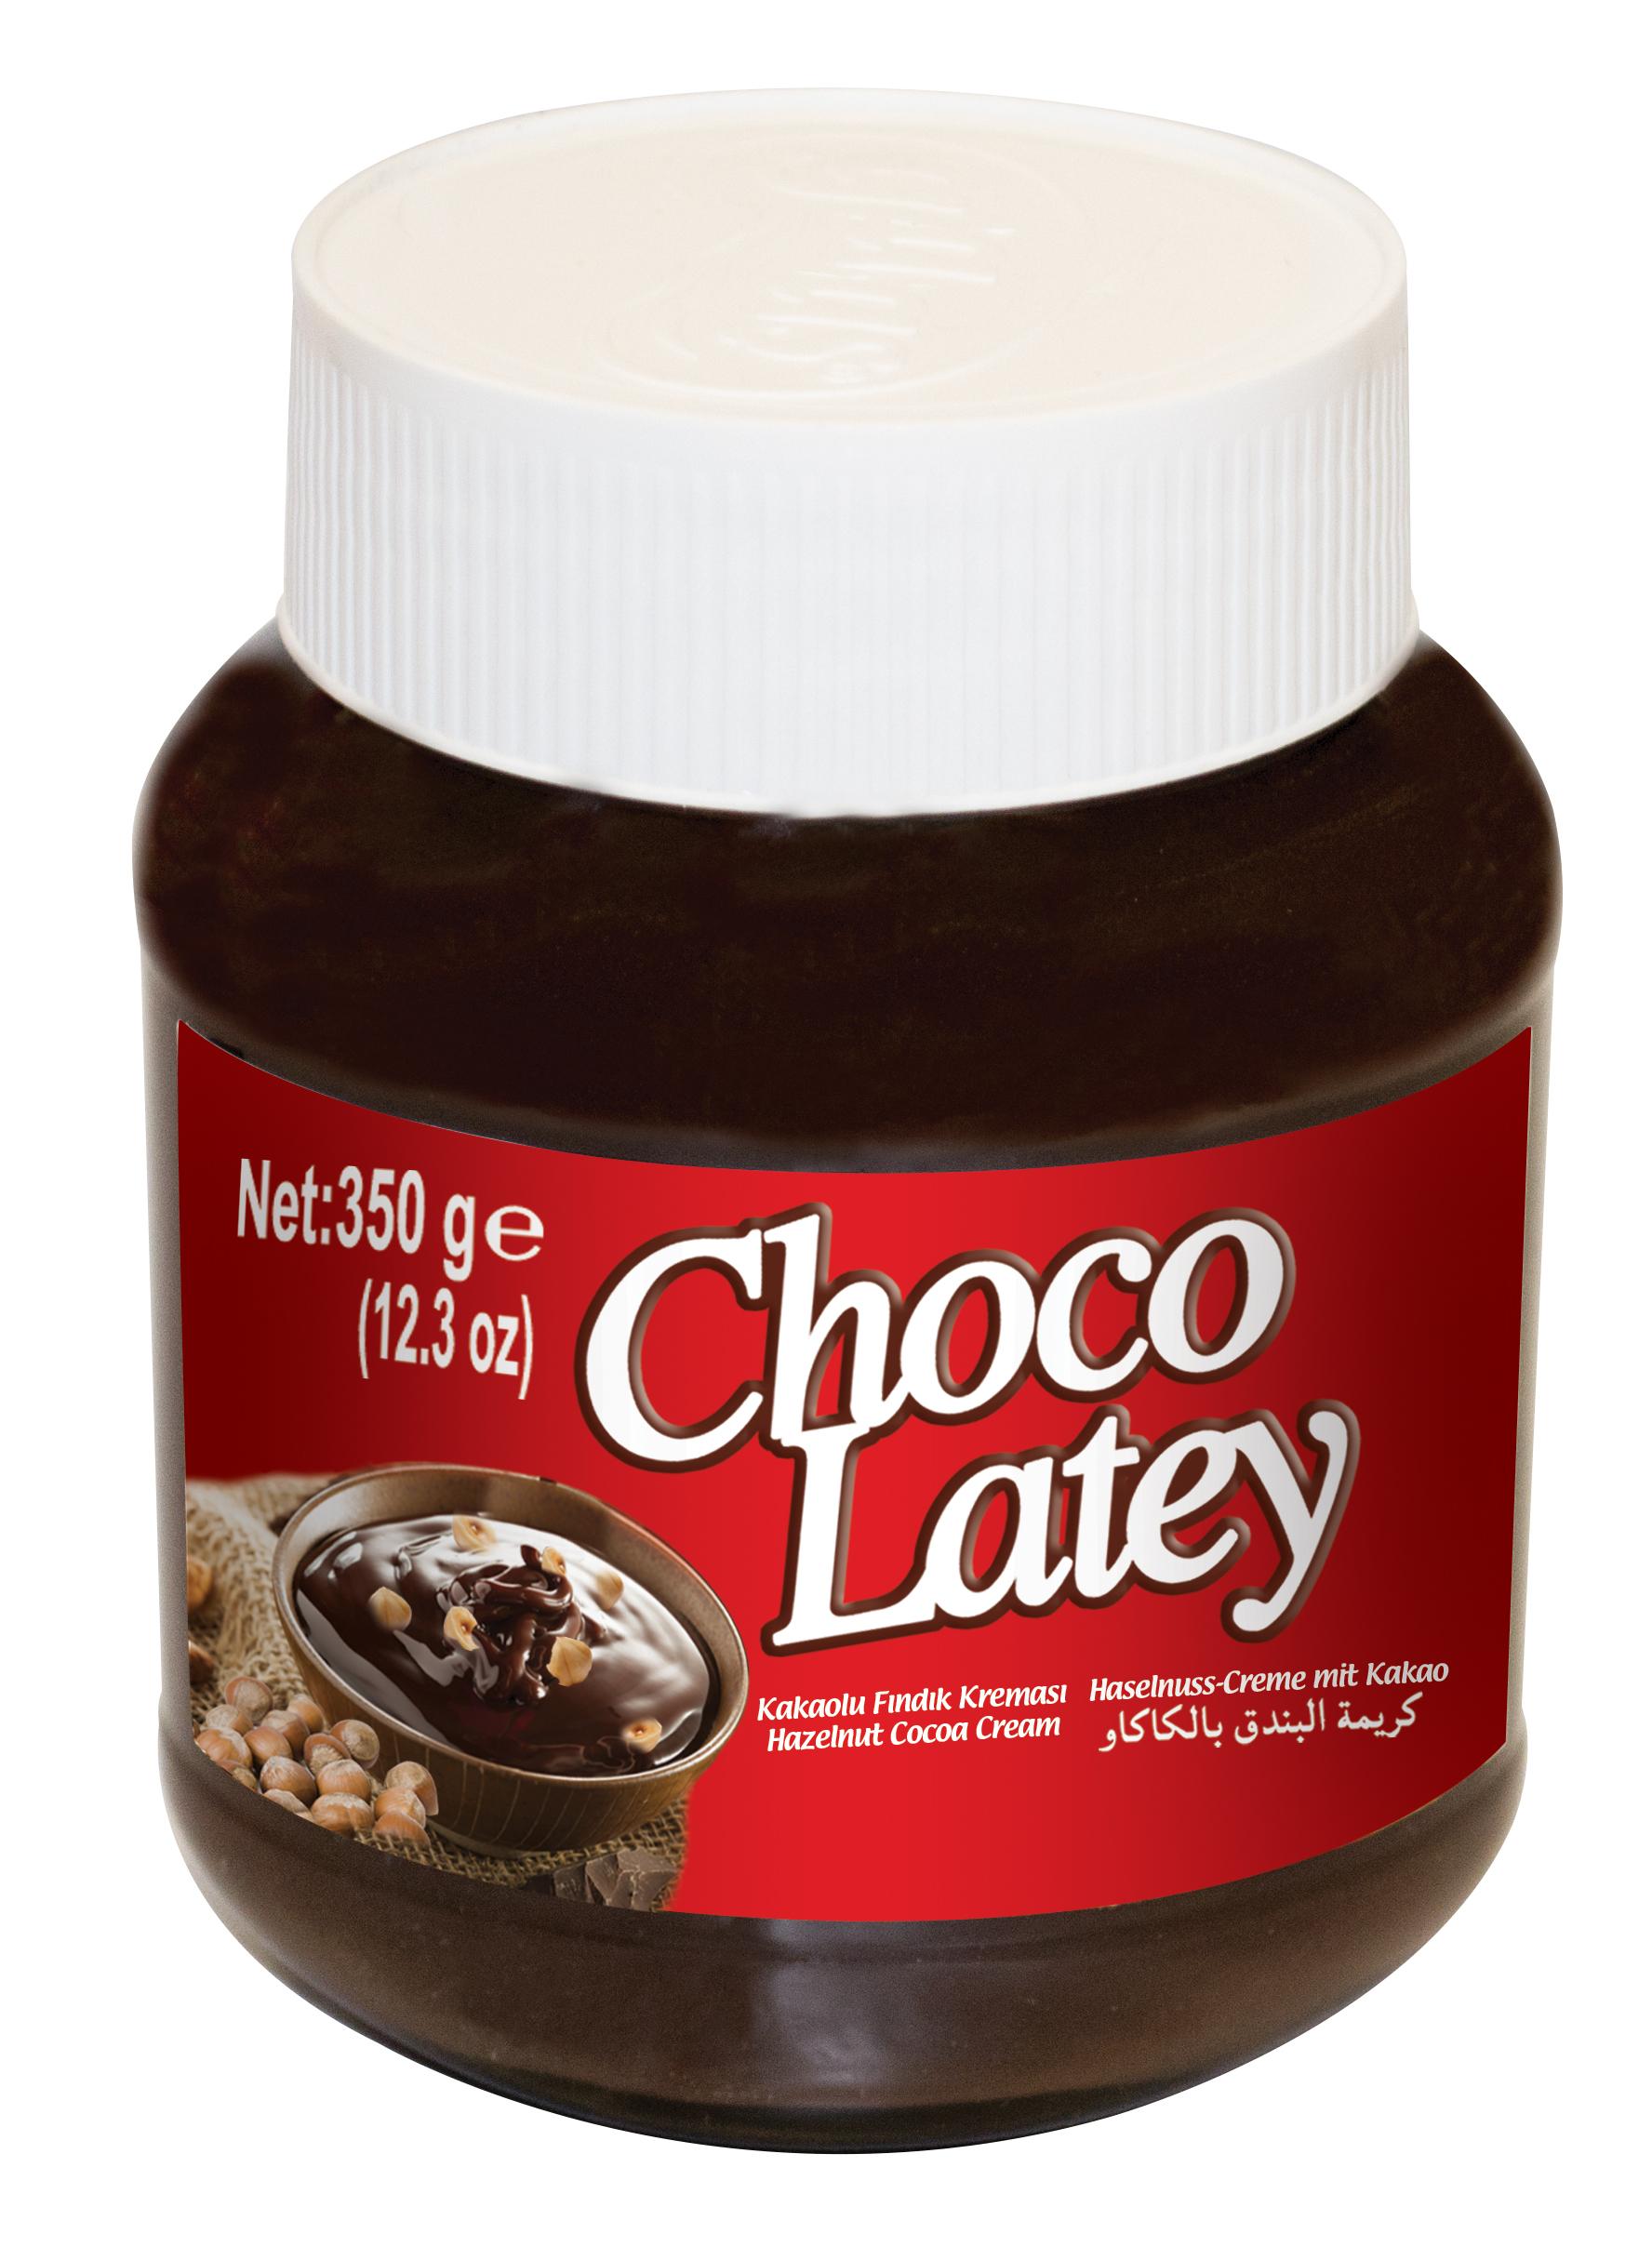 Choco Latey